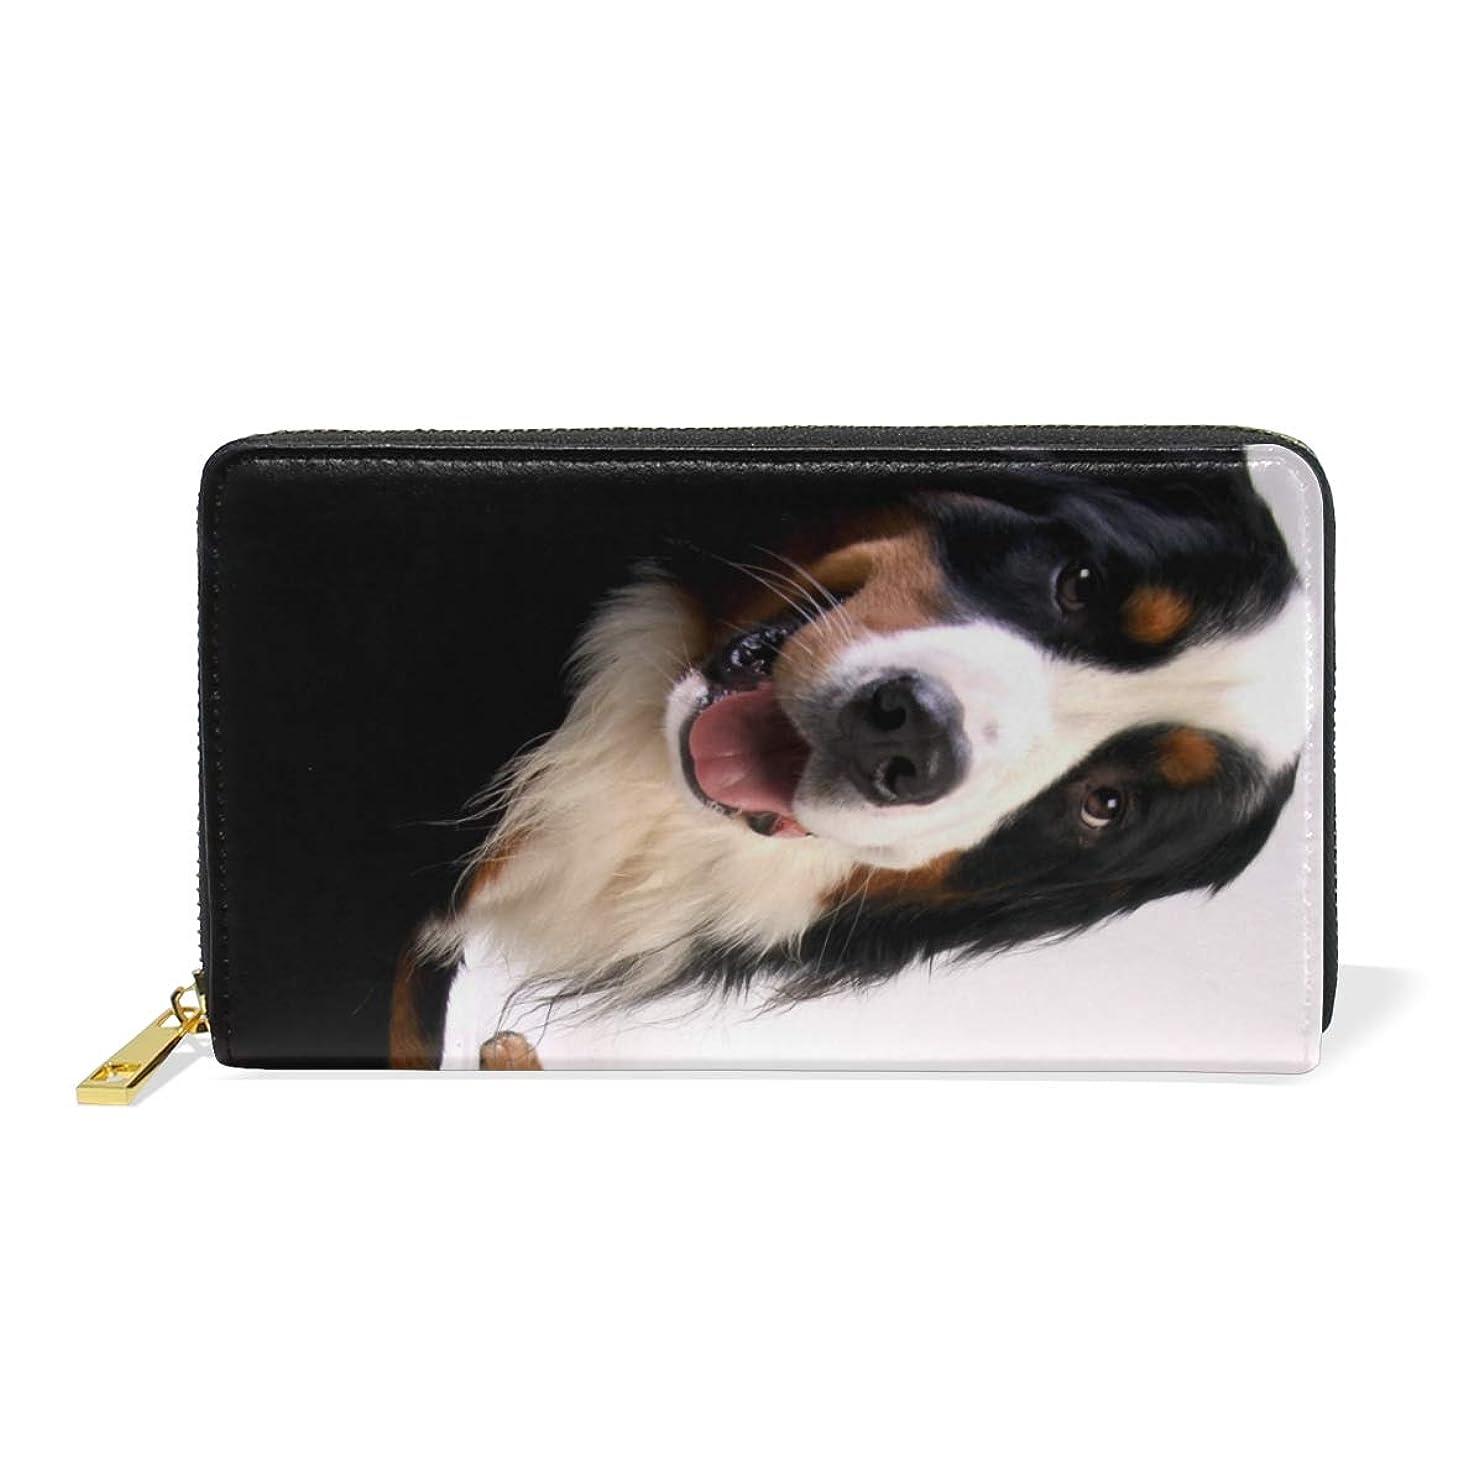 息切れ本マダムAyuStyle 長財布 財布 レディース メンズ 犬 イヌ 写真 大容量 個性的 ラウンドファスナー ロング ウォレット PUレザー お札入れ 小銭入れ カード入れ